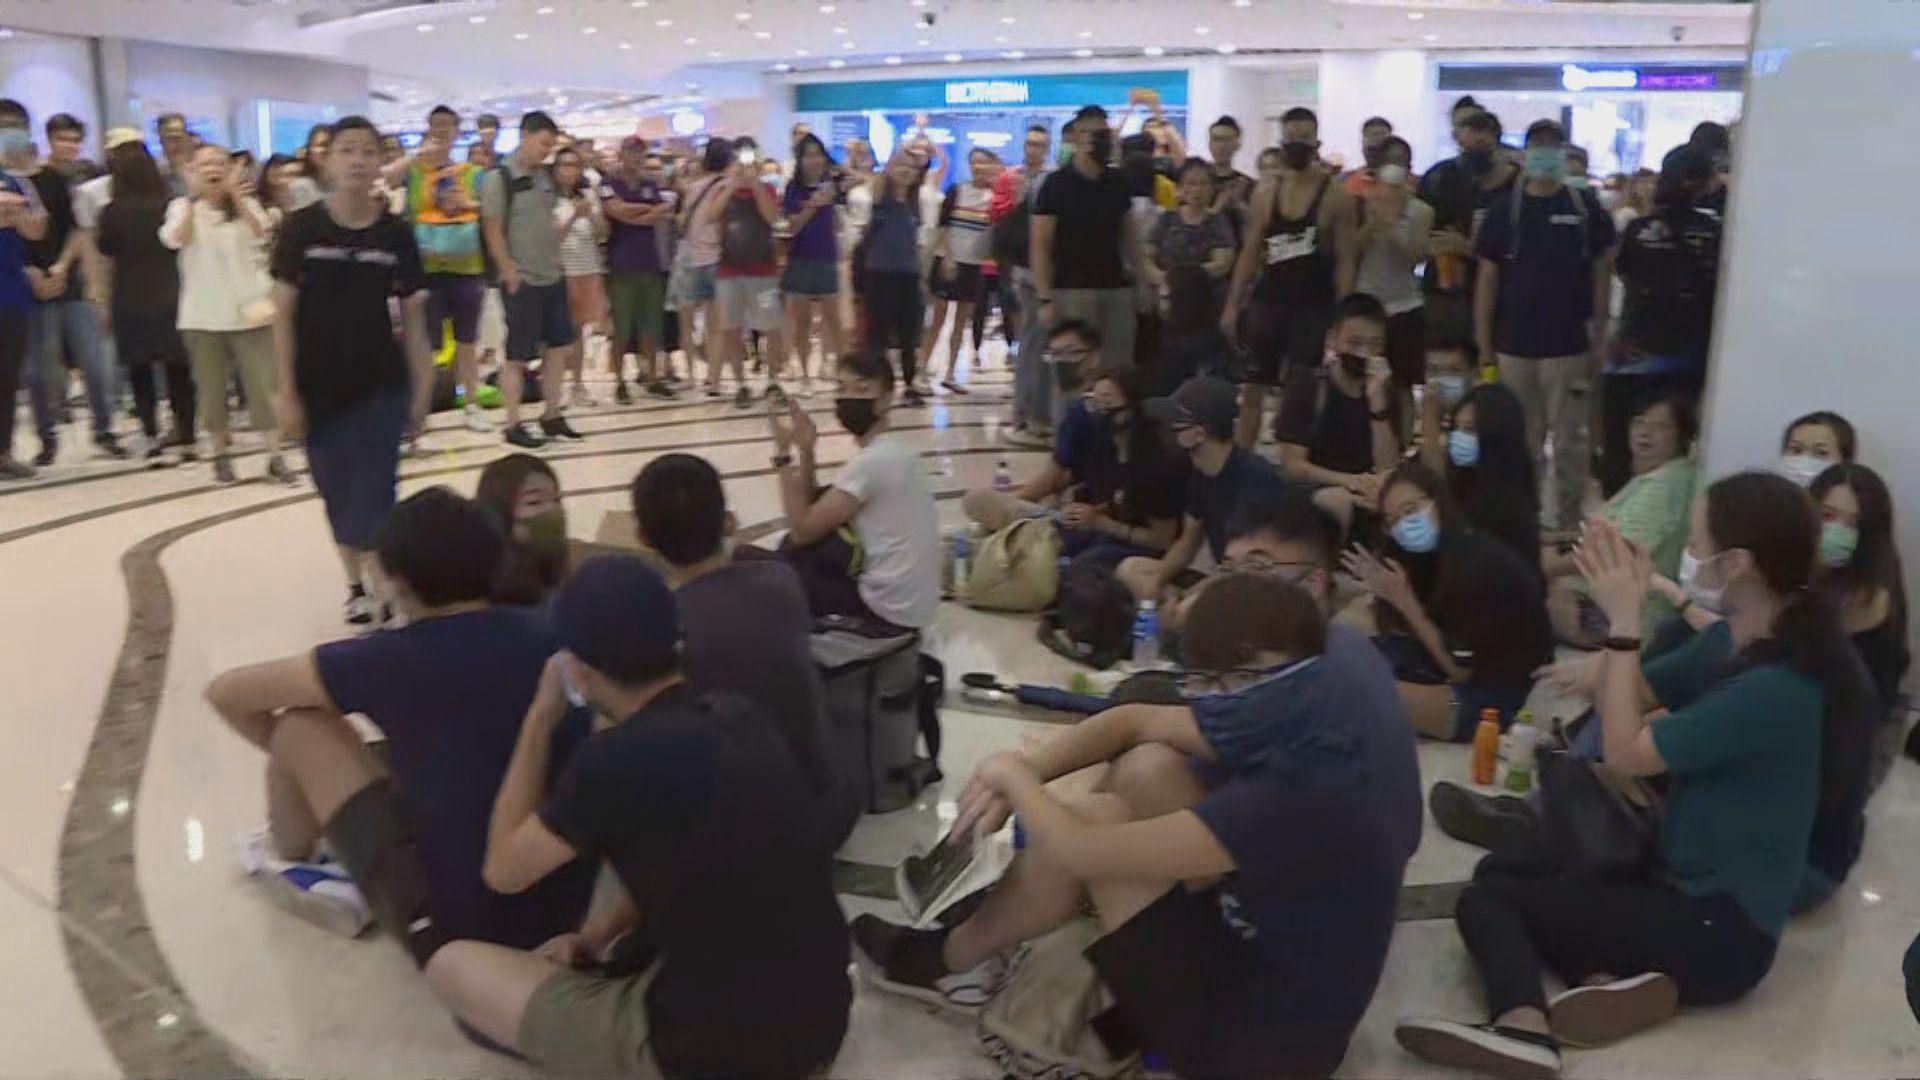 網民發起到港鐵旗下商場閒逛或靜坐